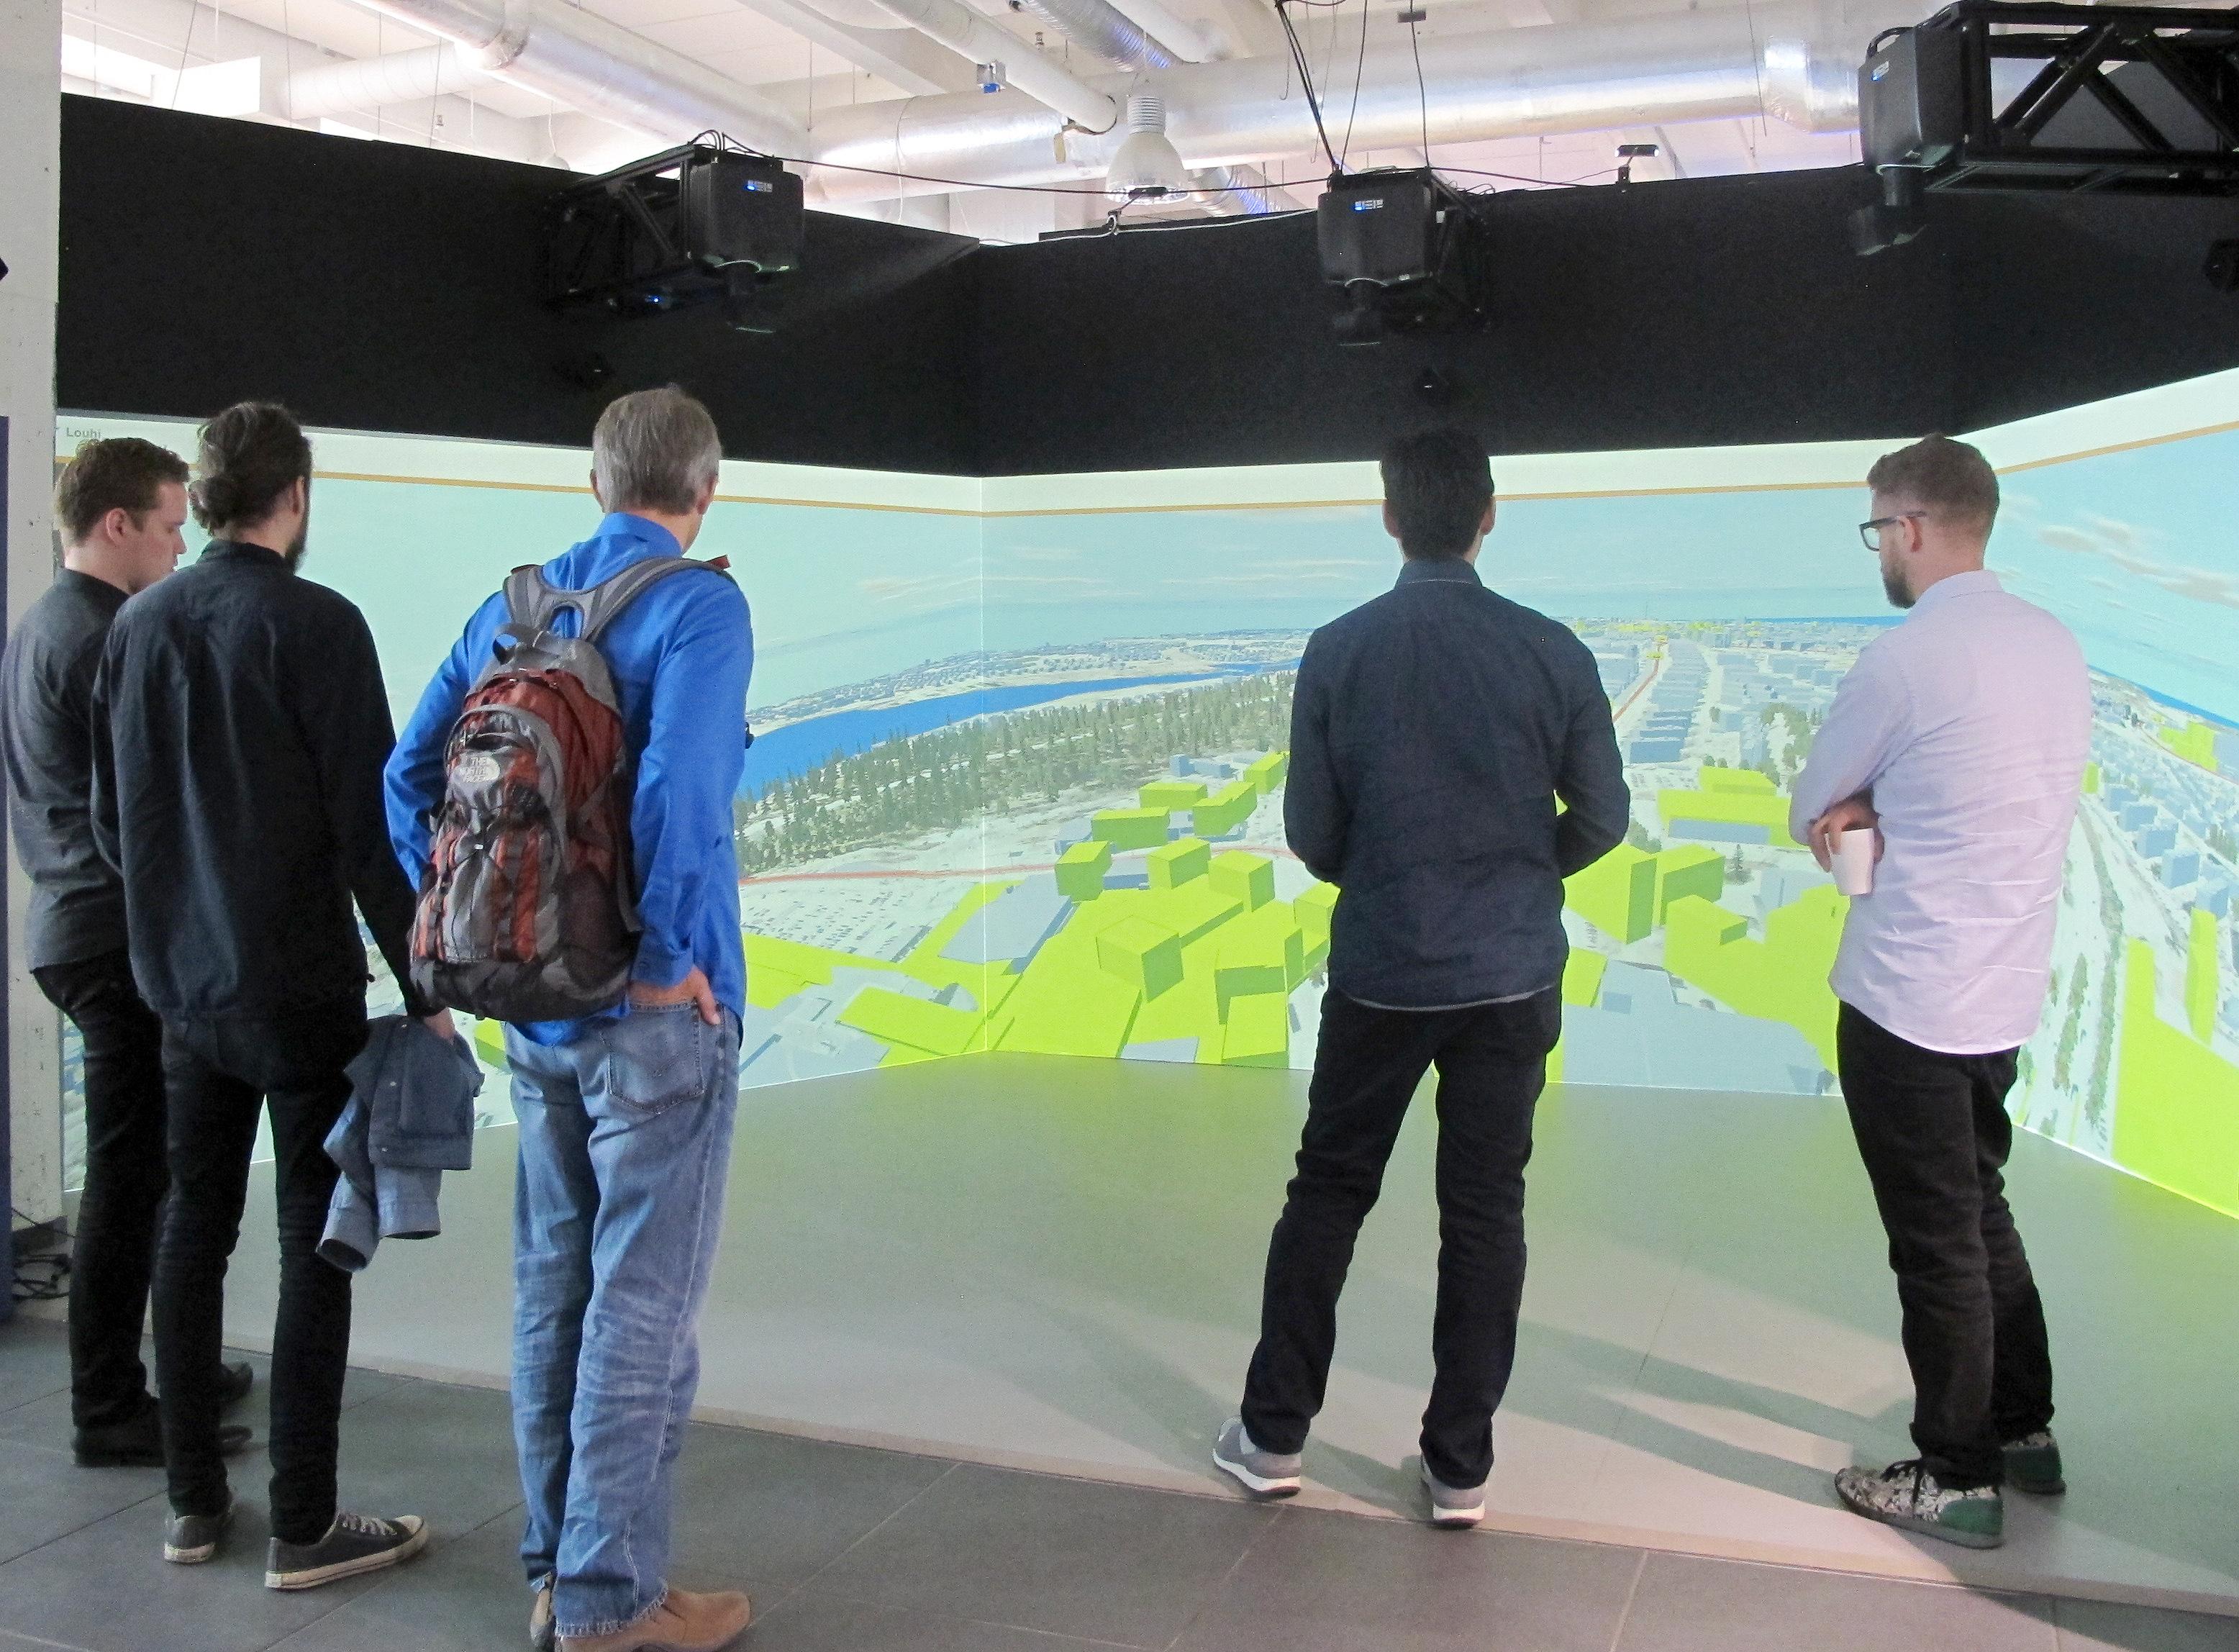 Tampereella 3D-kaupunkimallit jakoon avoimena datana